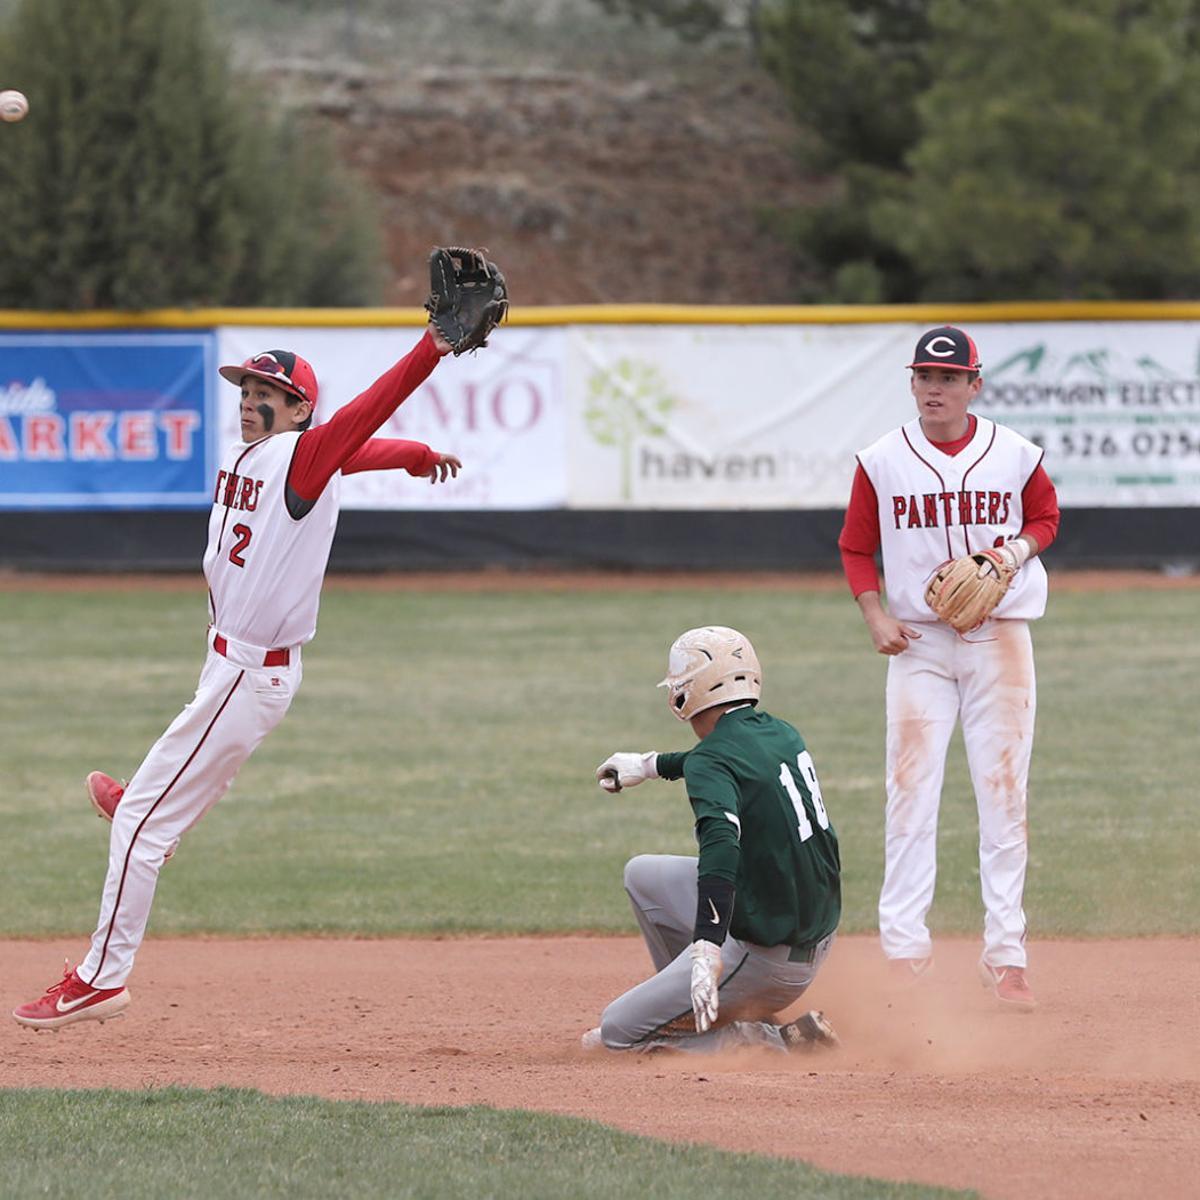 1a7e041840c2 Local teams face road baseball